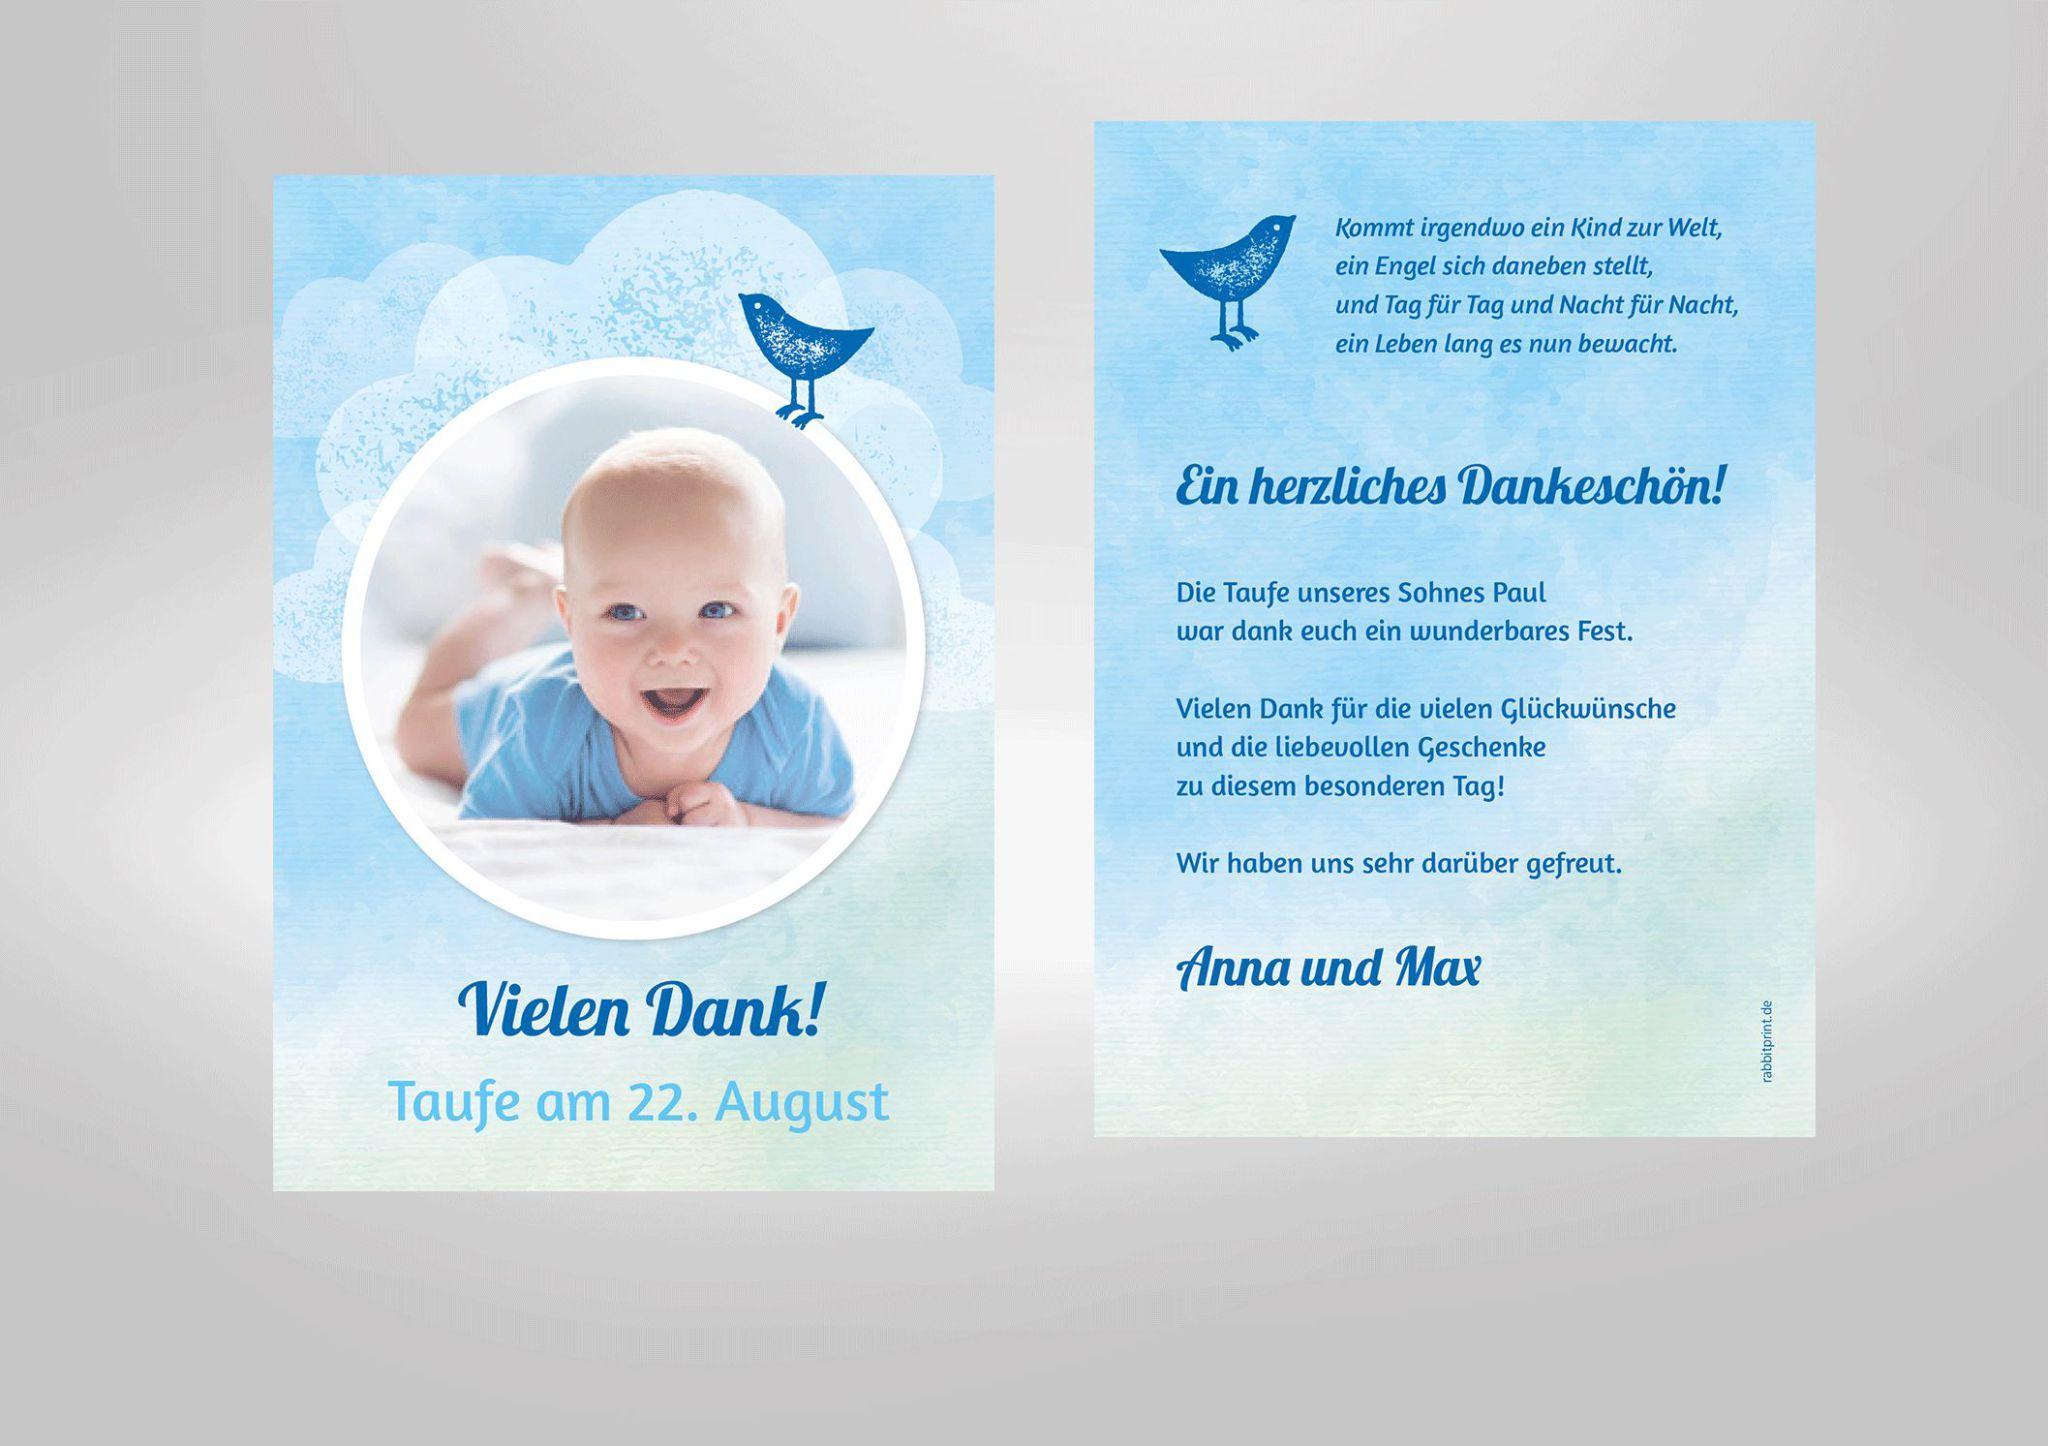 Dankeskarte Taufe Dankeskarten Taufe Gunstig Danksagung Karten Danksagung Karten Dankeskarten Taufe Danksagung Karten Dankeskarte Geburt